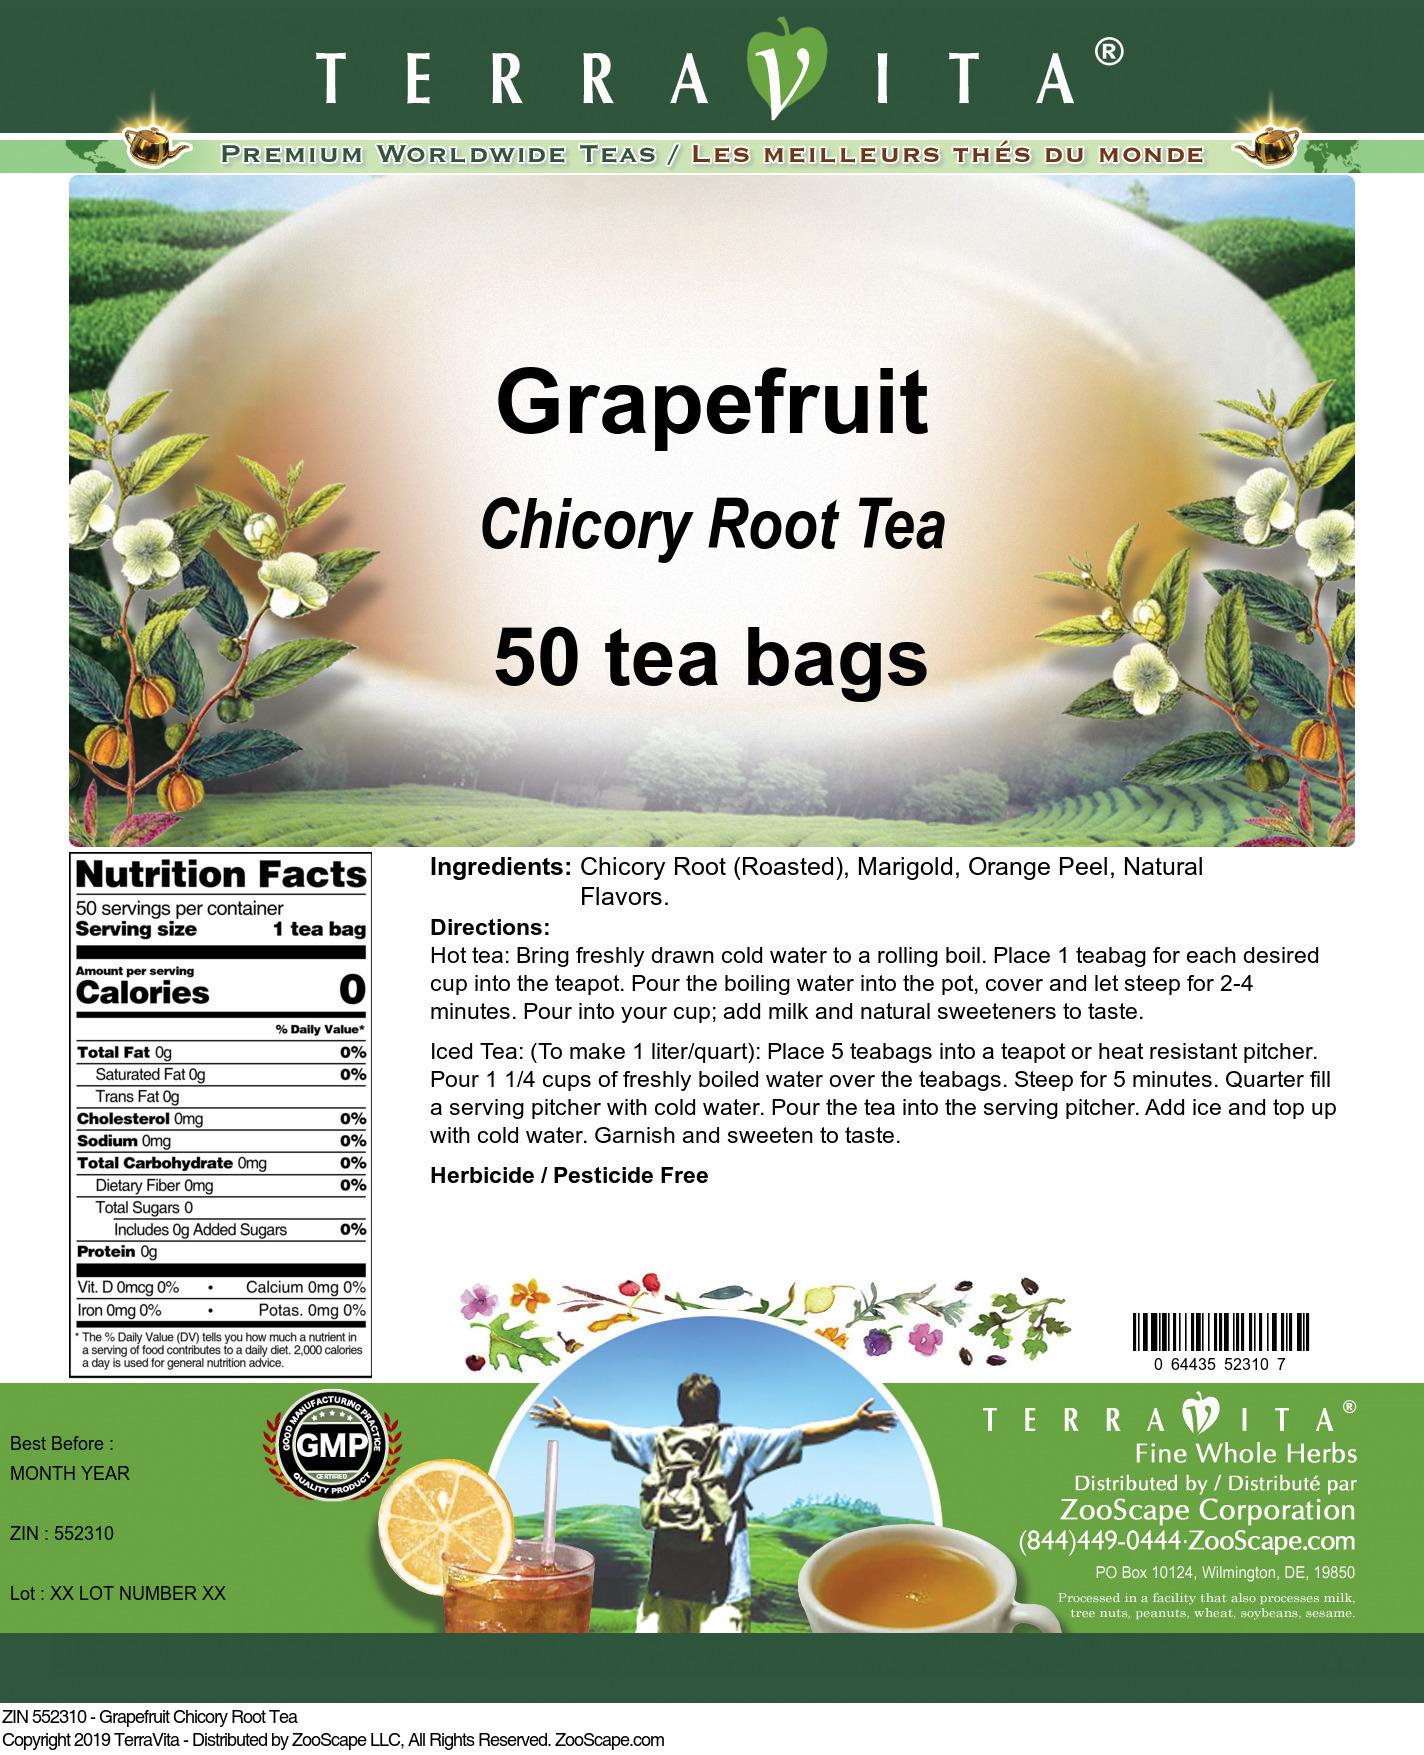 Grapefruit Chicory Root Tea